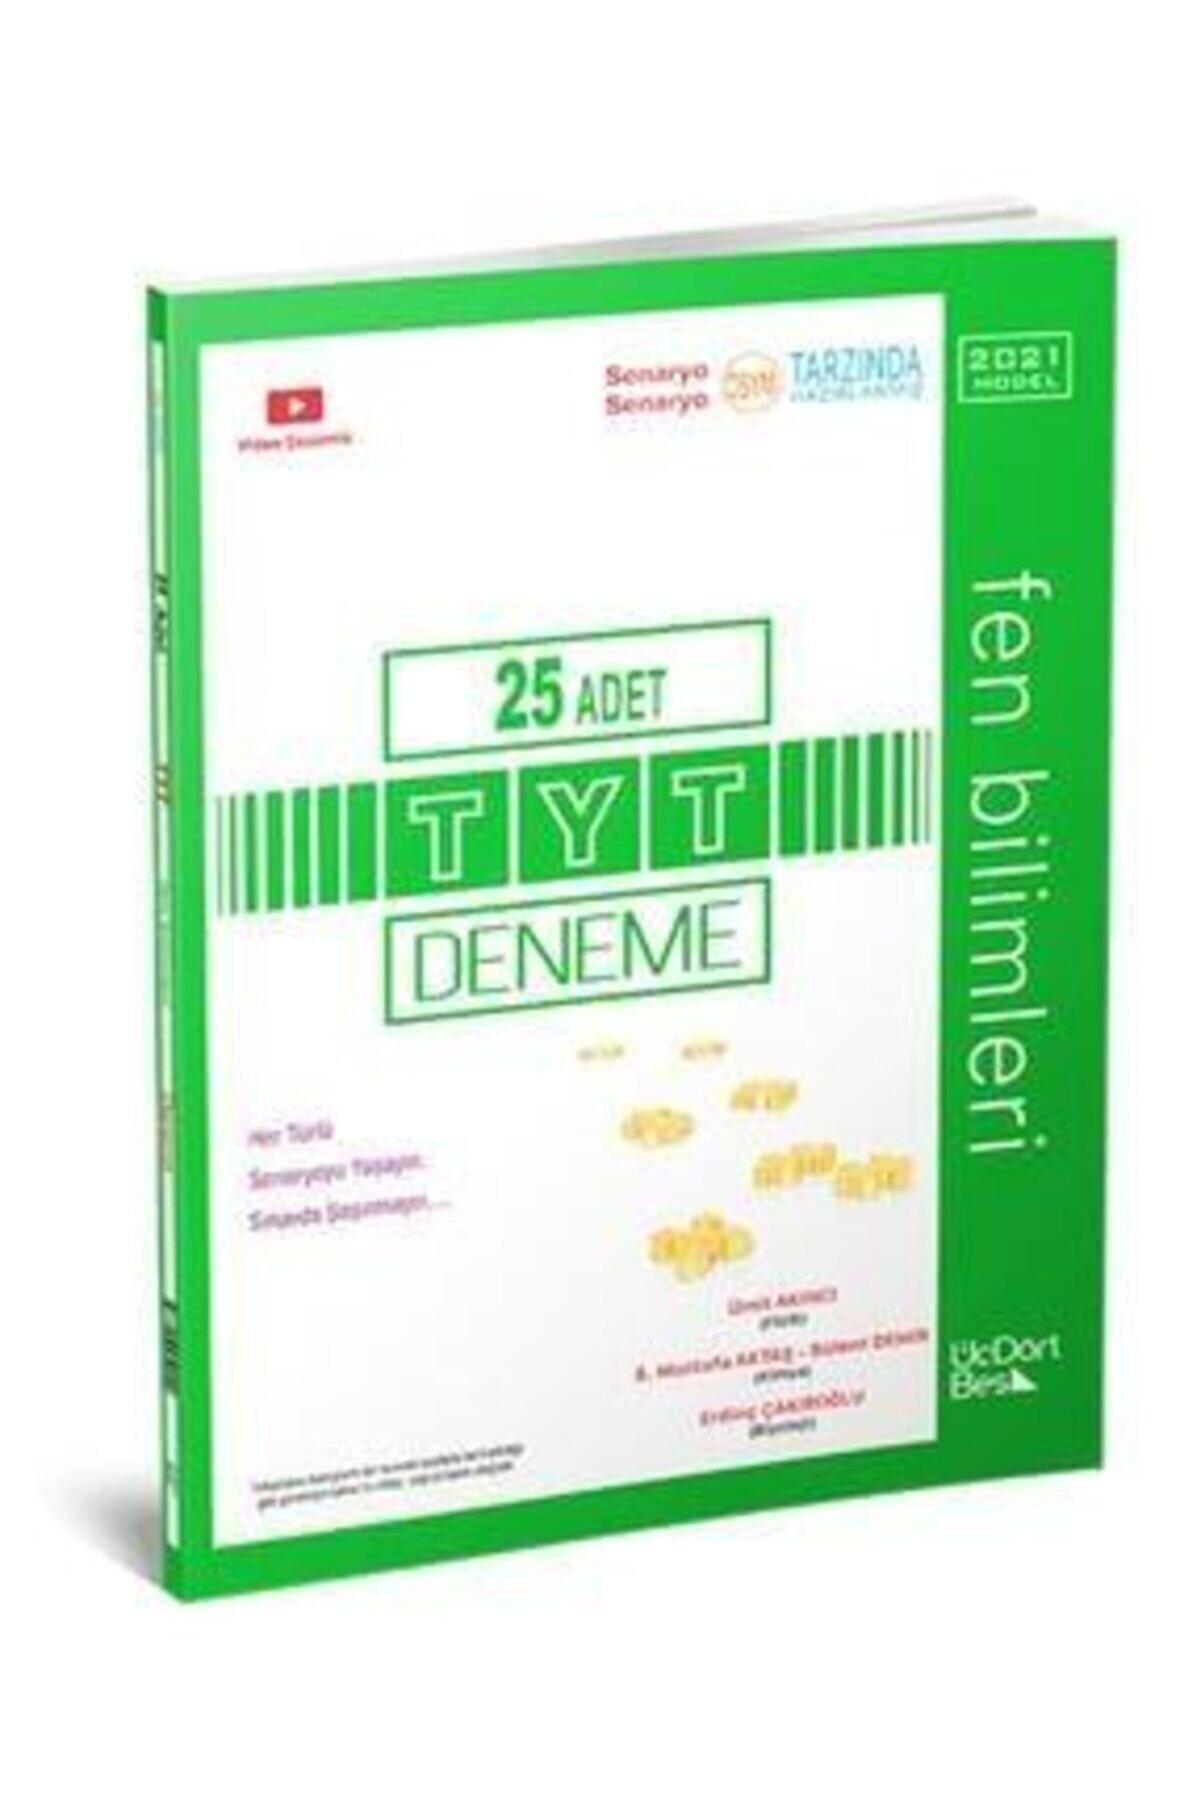 DIGERUI 345 - Tyt 12 Li Fen Bilimleri Deneme Üçdörtbeş Yayınları